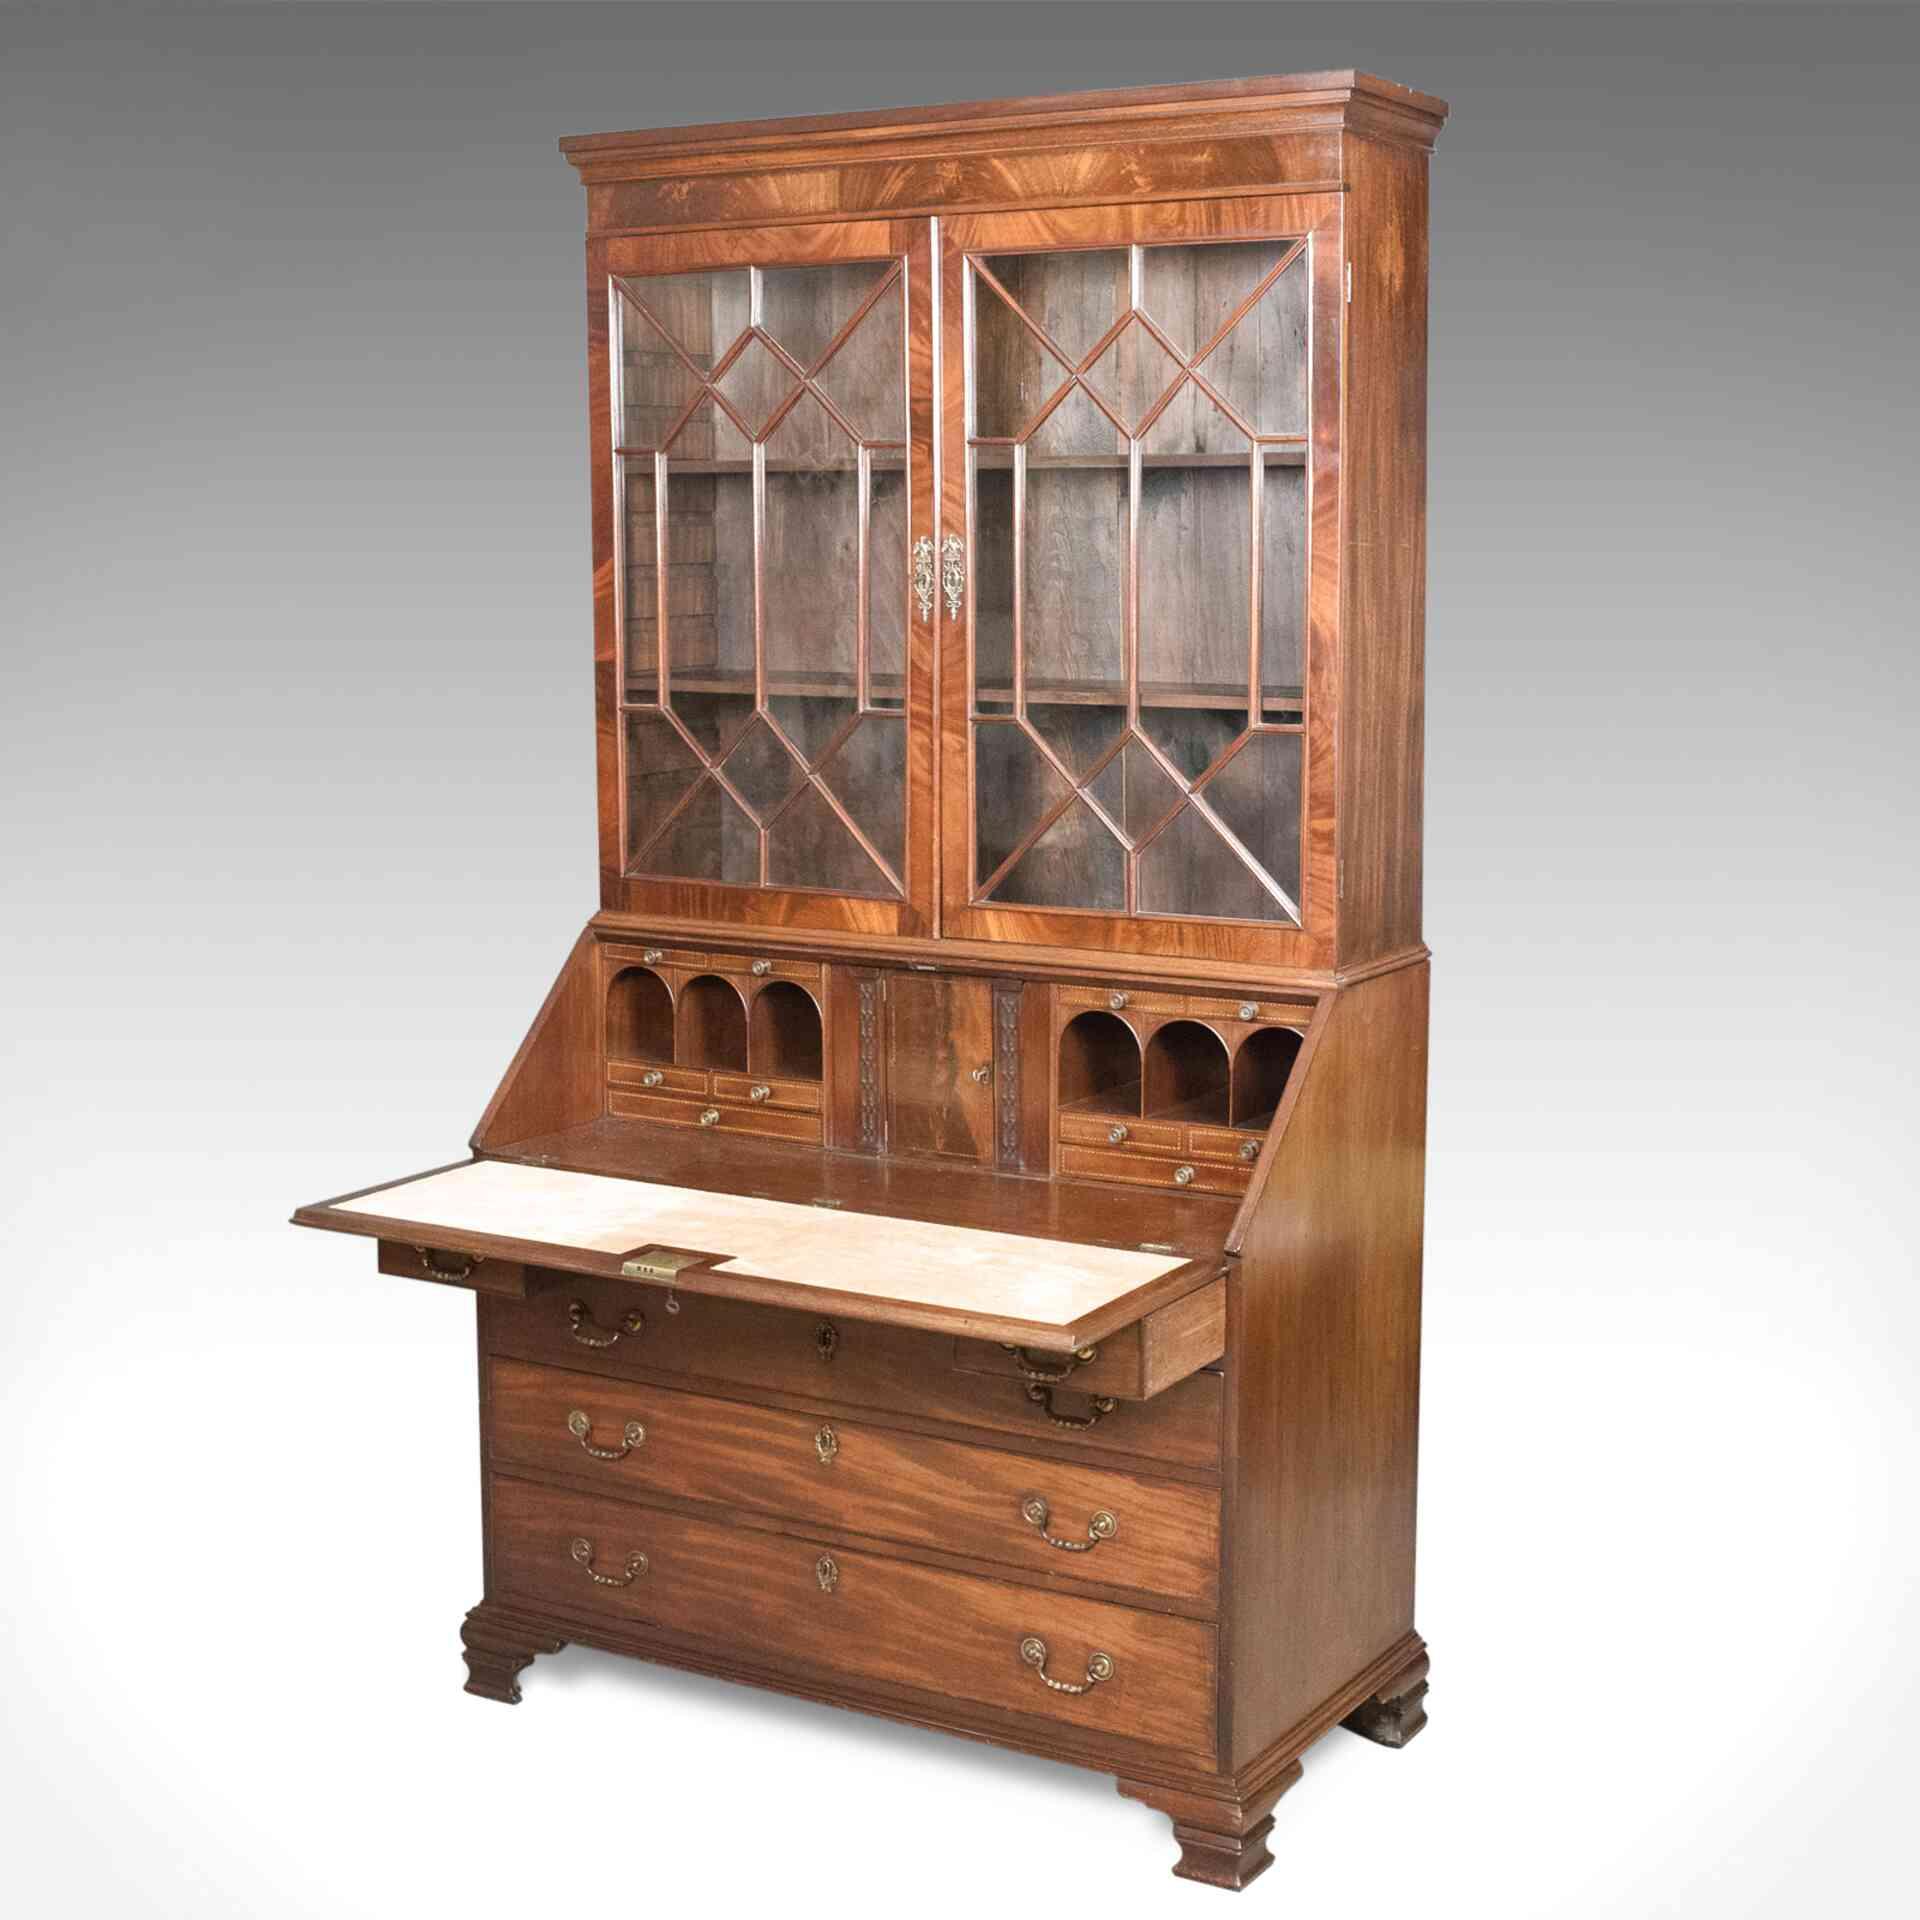 antique bureau bookcase for sale